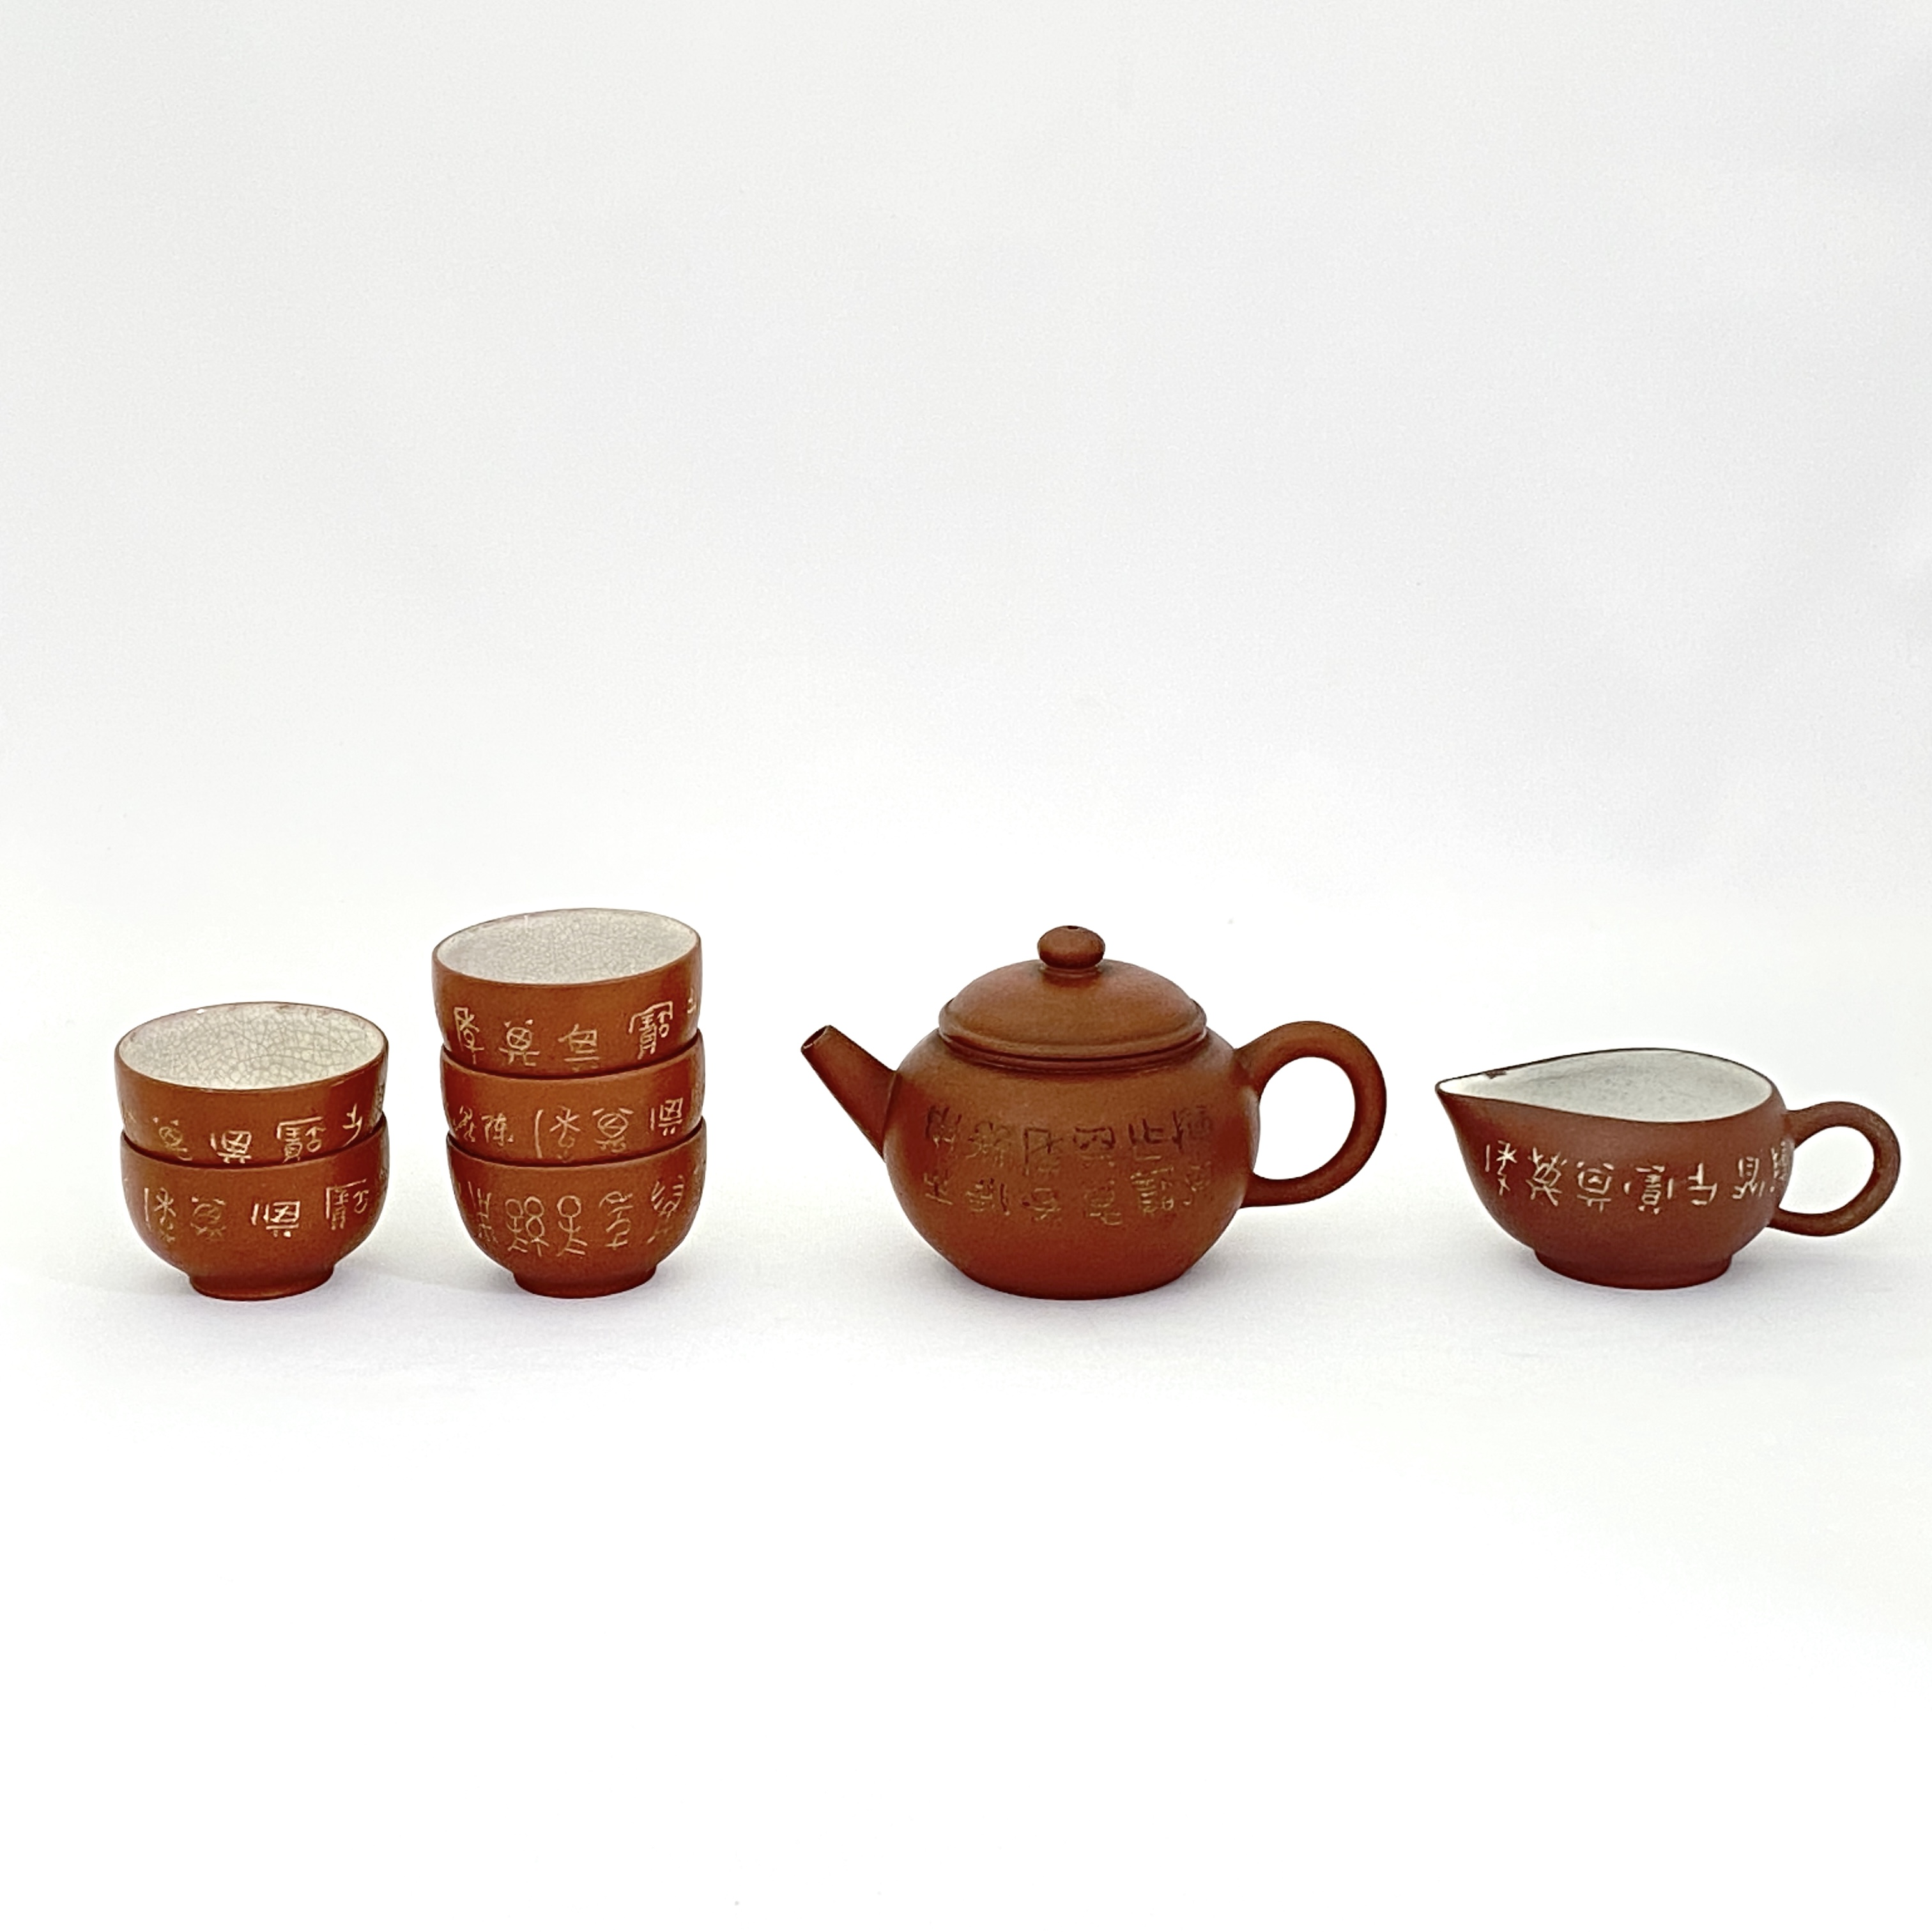 20160「陳鼎和」造 朱泥 煎茶具 一套